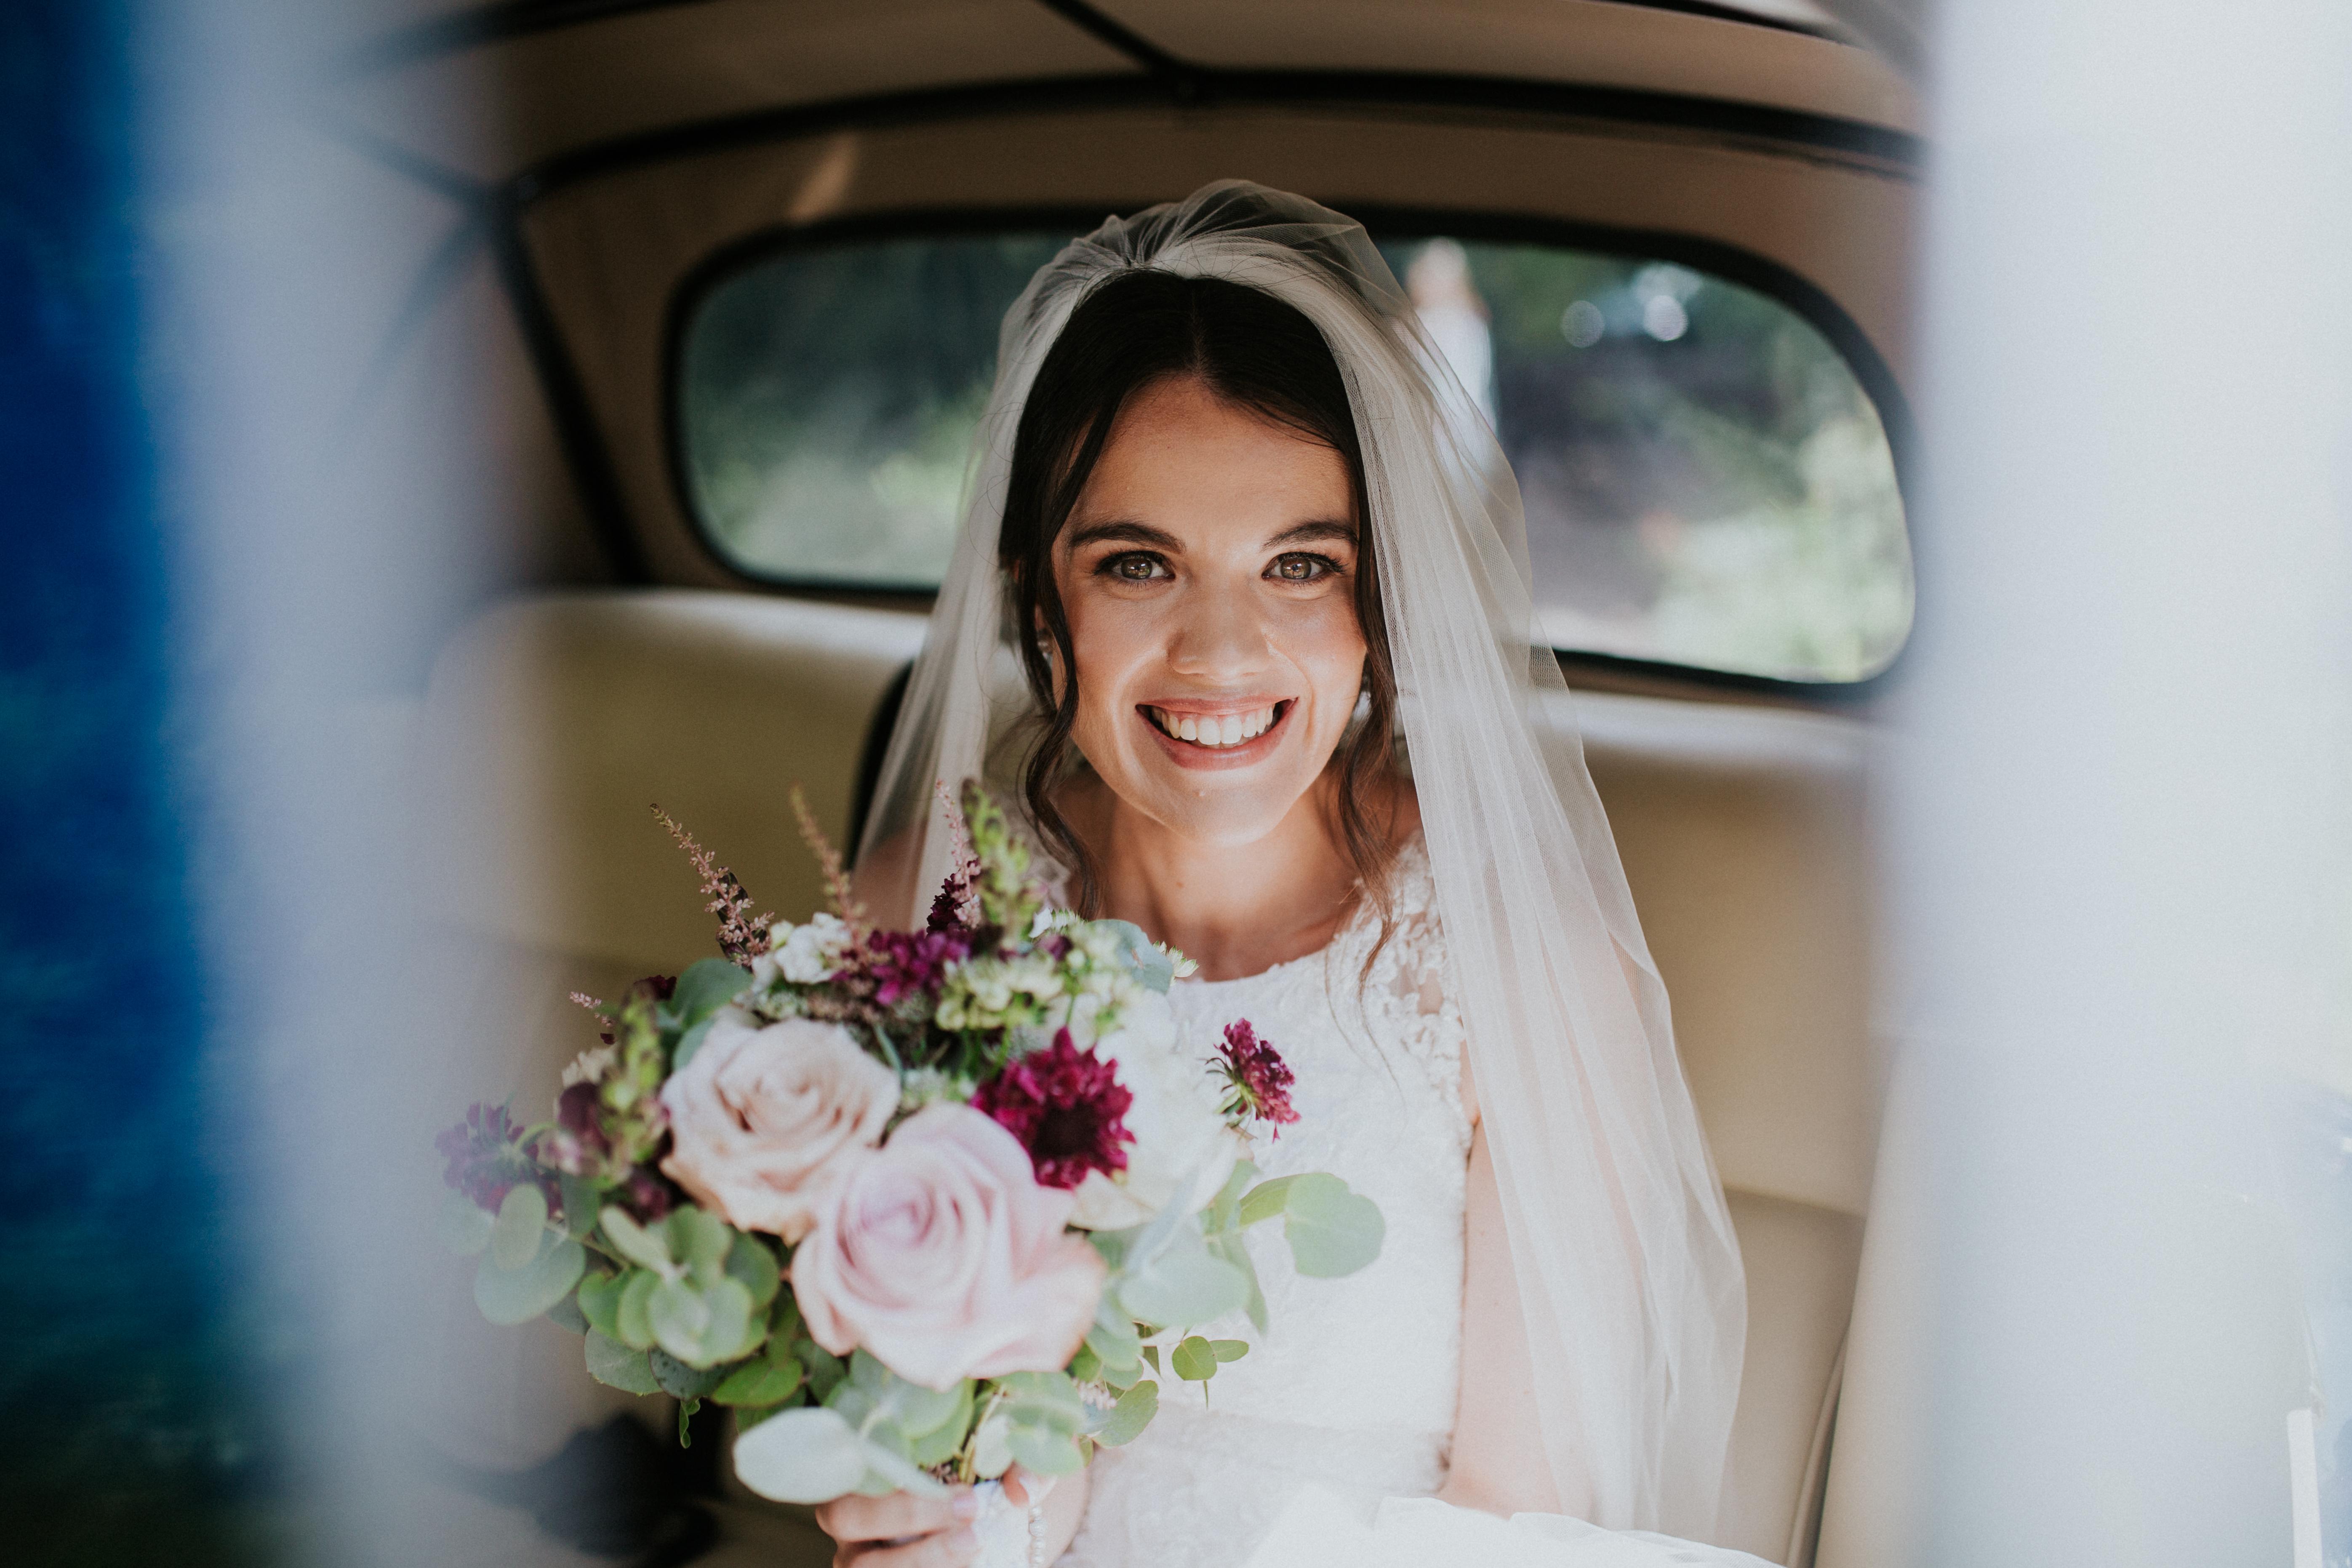 bride in the wedding car